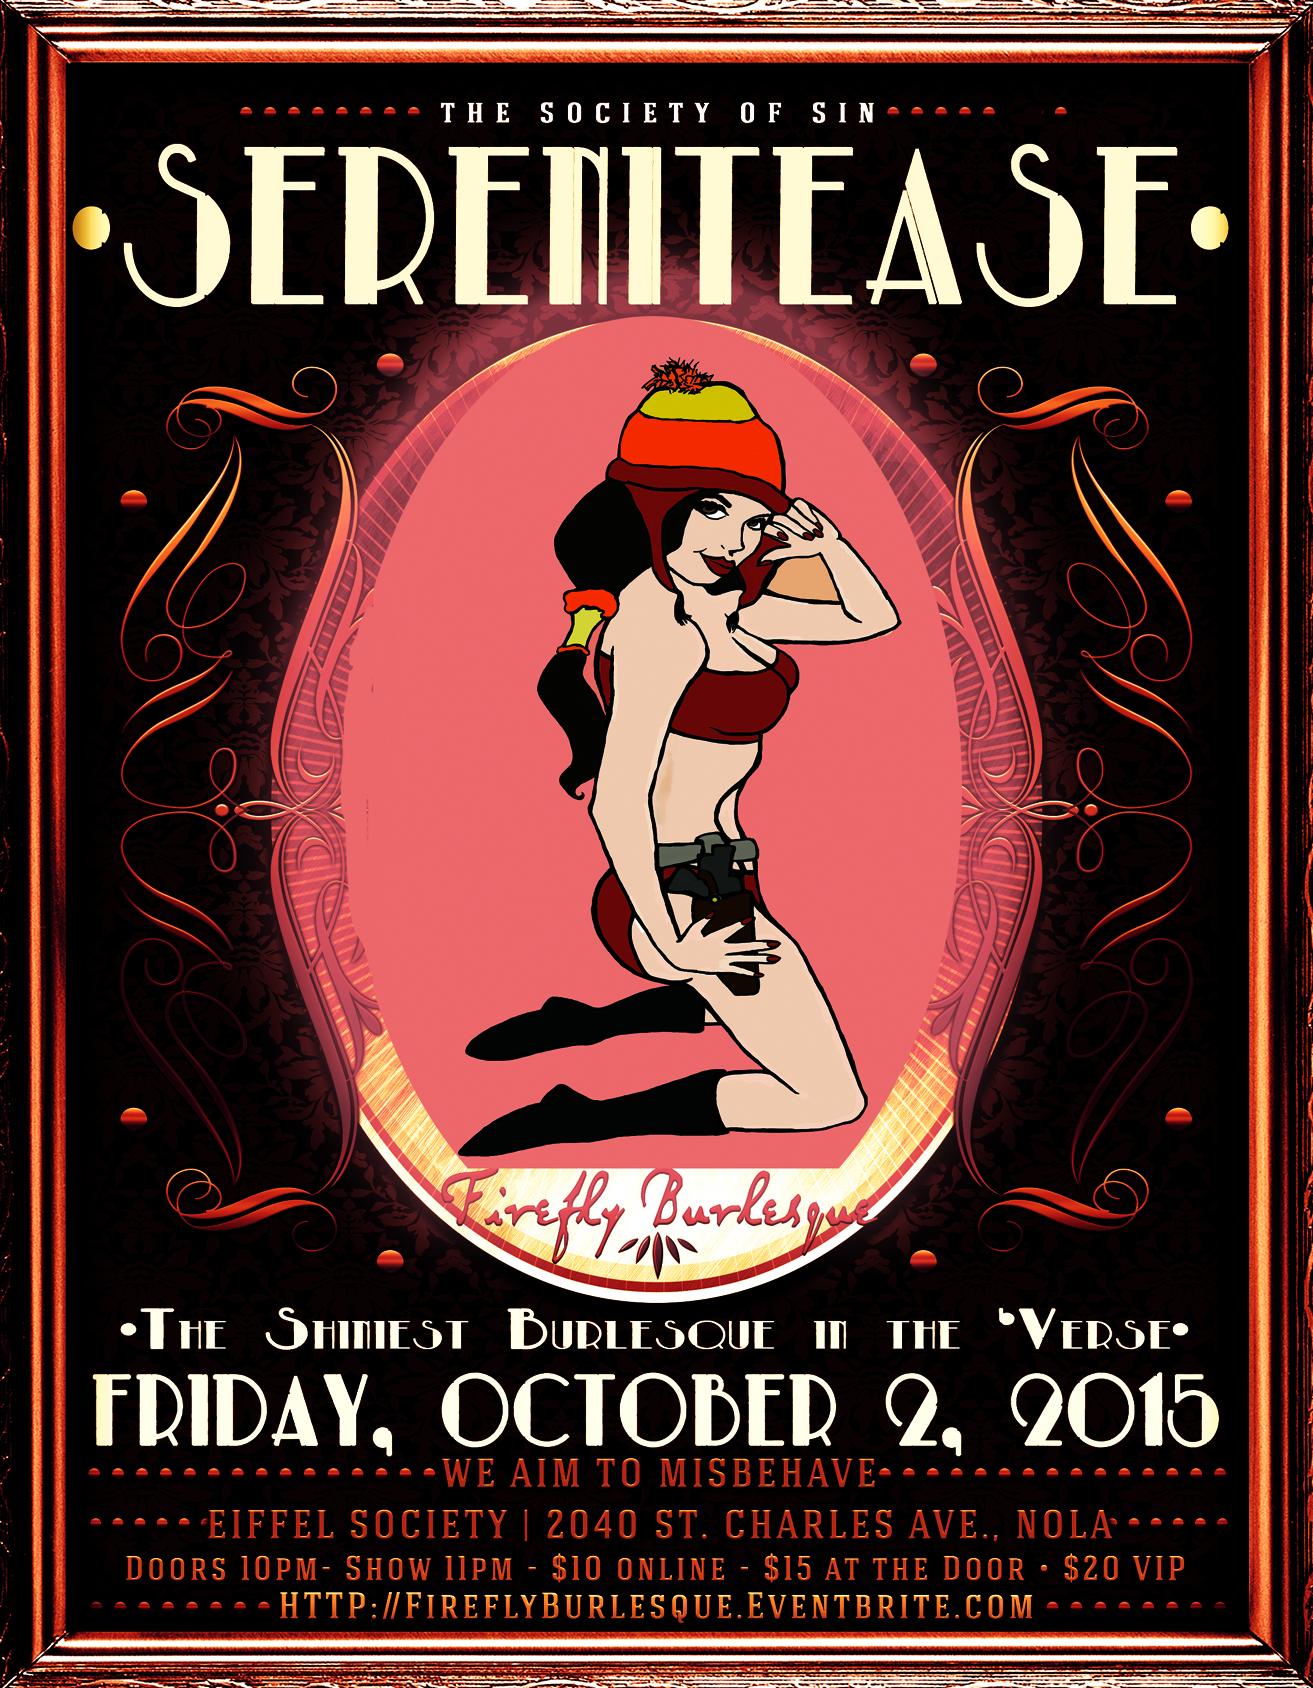 Serenitease: Firefly Burlesque